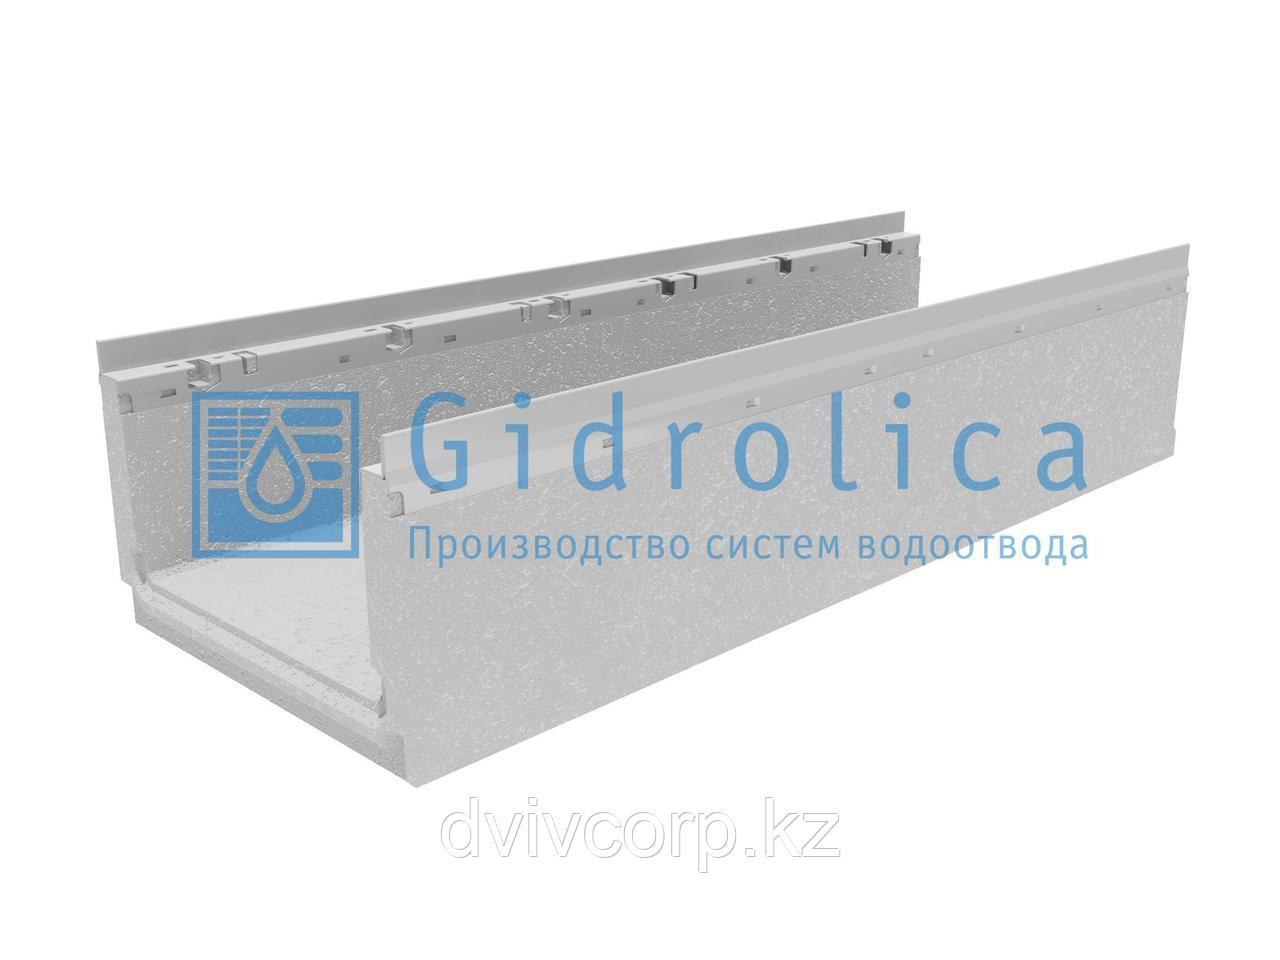 Лоток водоотводный бетонный коробчатый (СО-300мм) с оцинкованной насадкой КП 100.36,3 (30).22,5(18) - BGF-Z, №